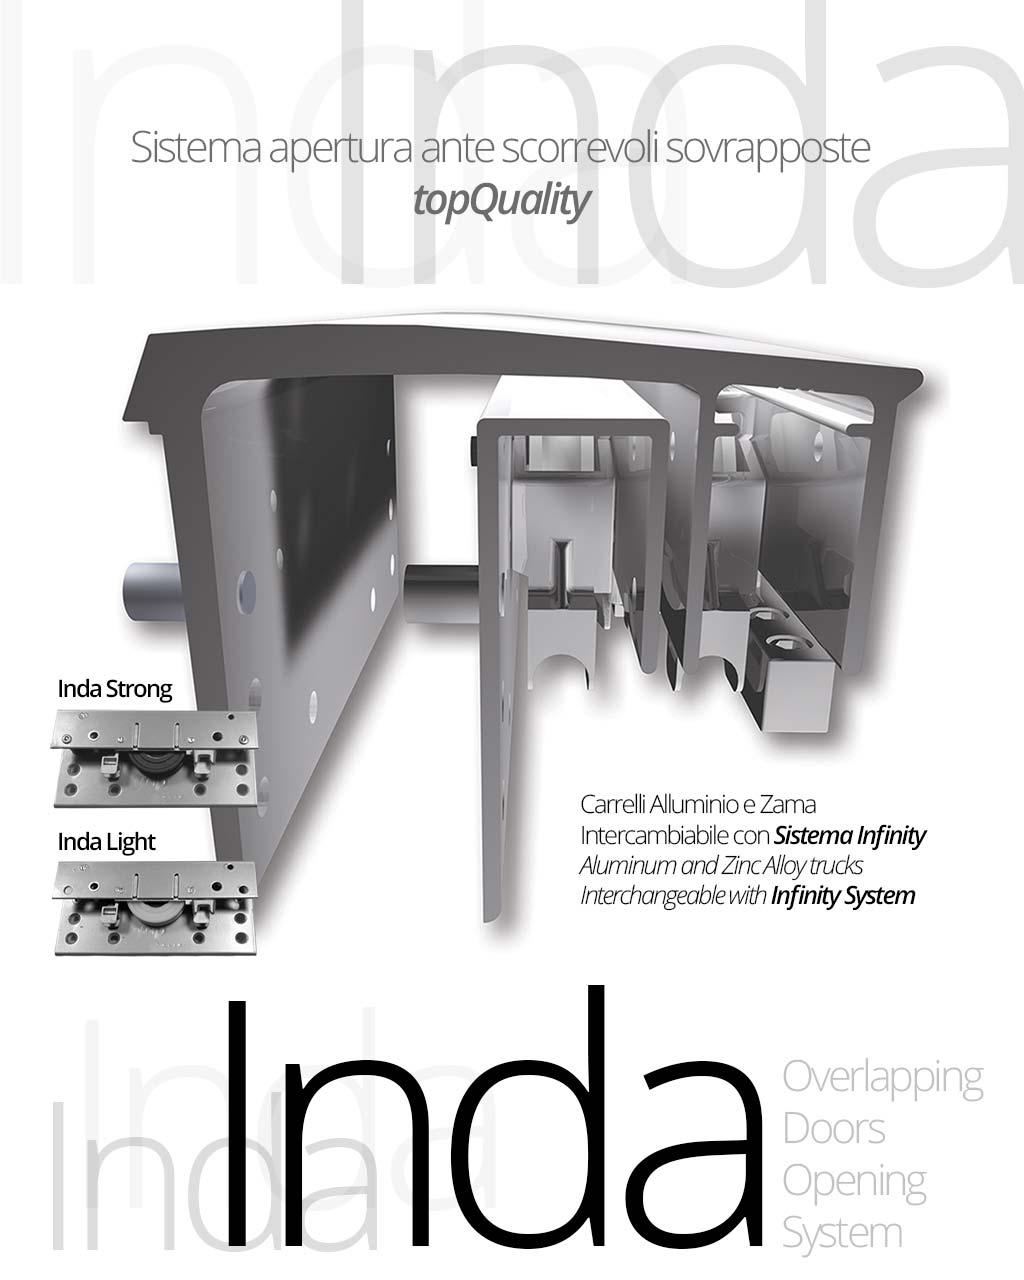 Inda-28x35